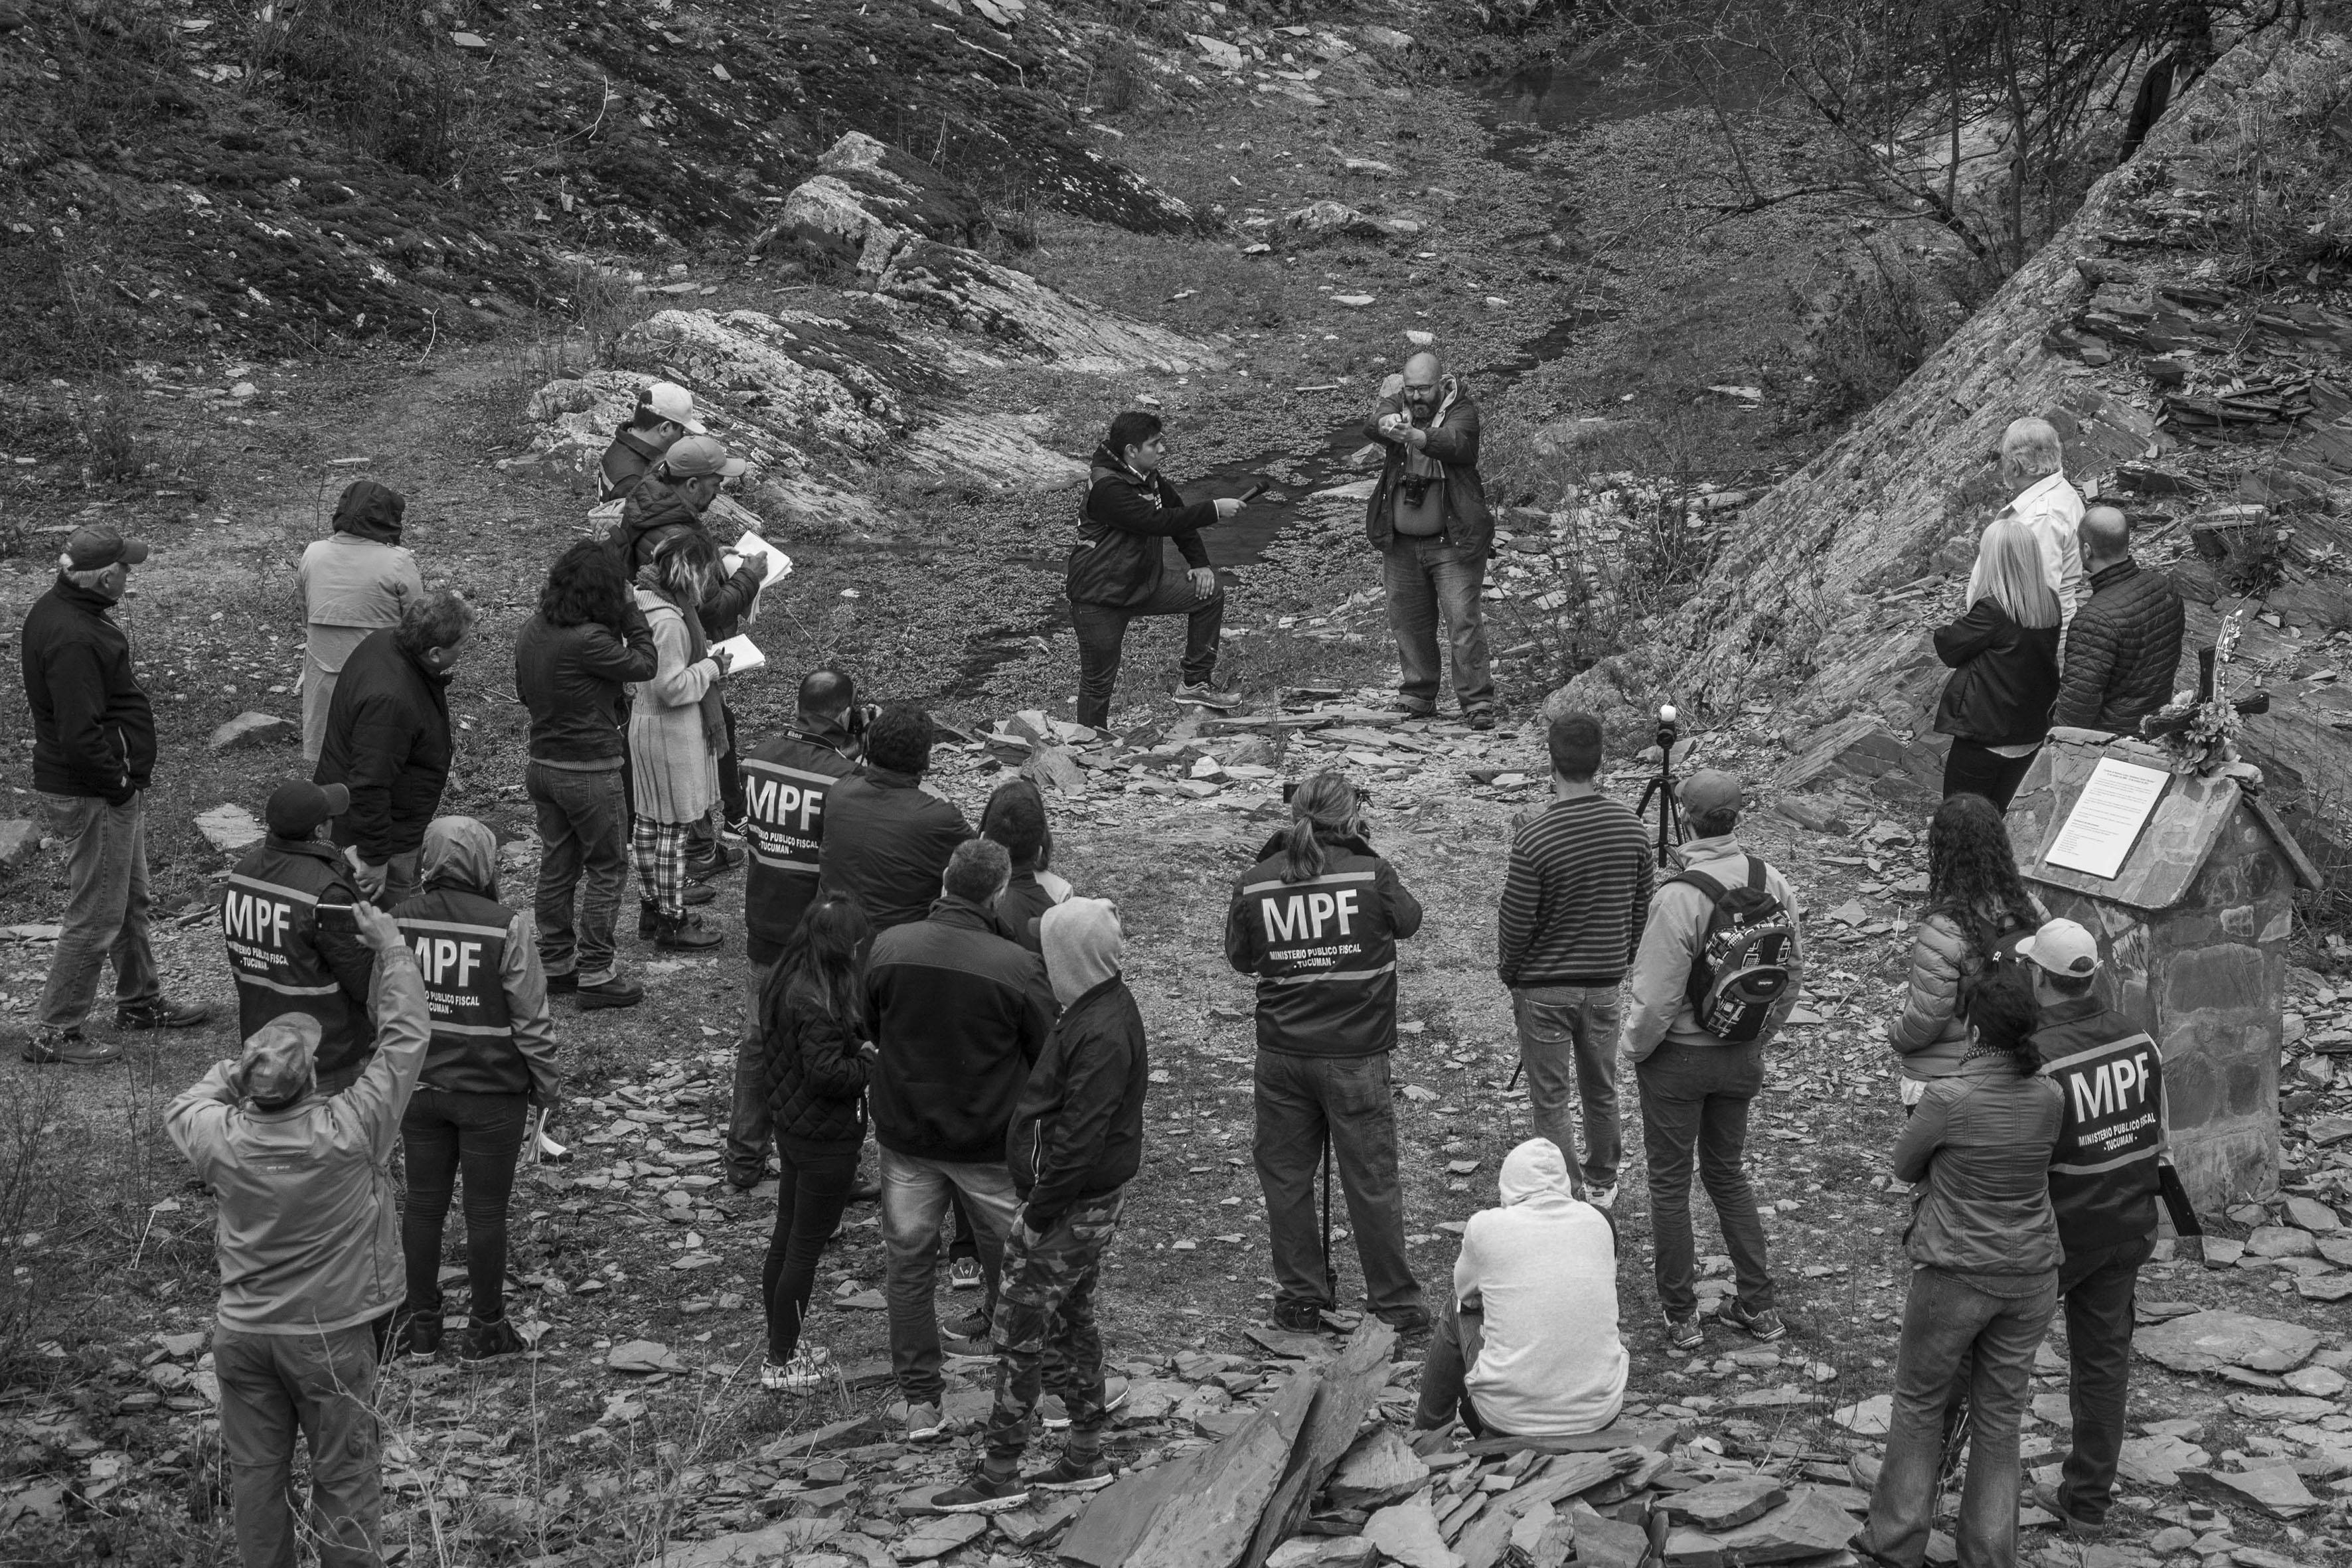 El Chorro, Tucumán, Argentina. Octubre 02/2018. Reconstrucción del asesinato a Javier Chocobar. El imputado Darío Luis Amín (calvo) da su versión de los hechos.